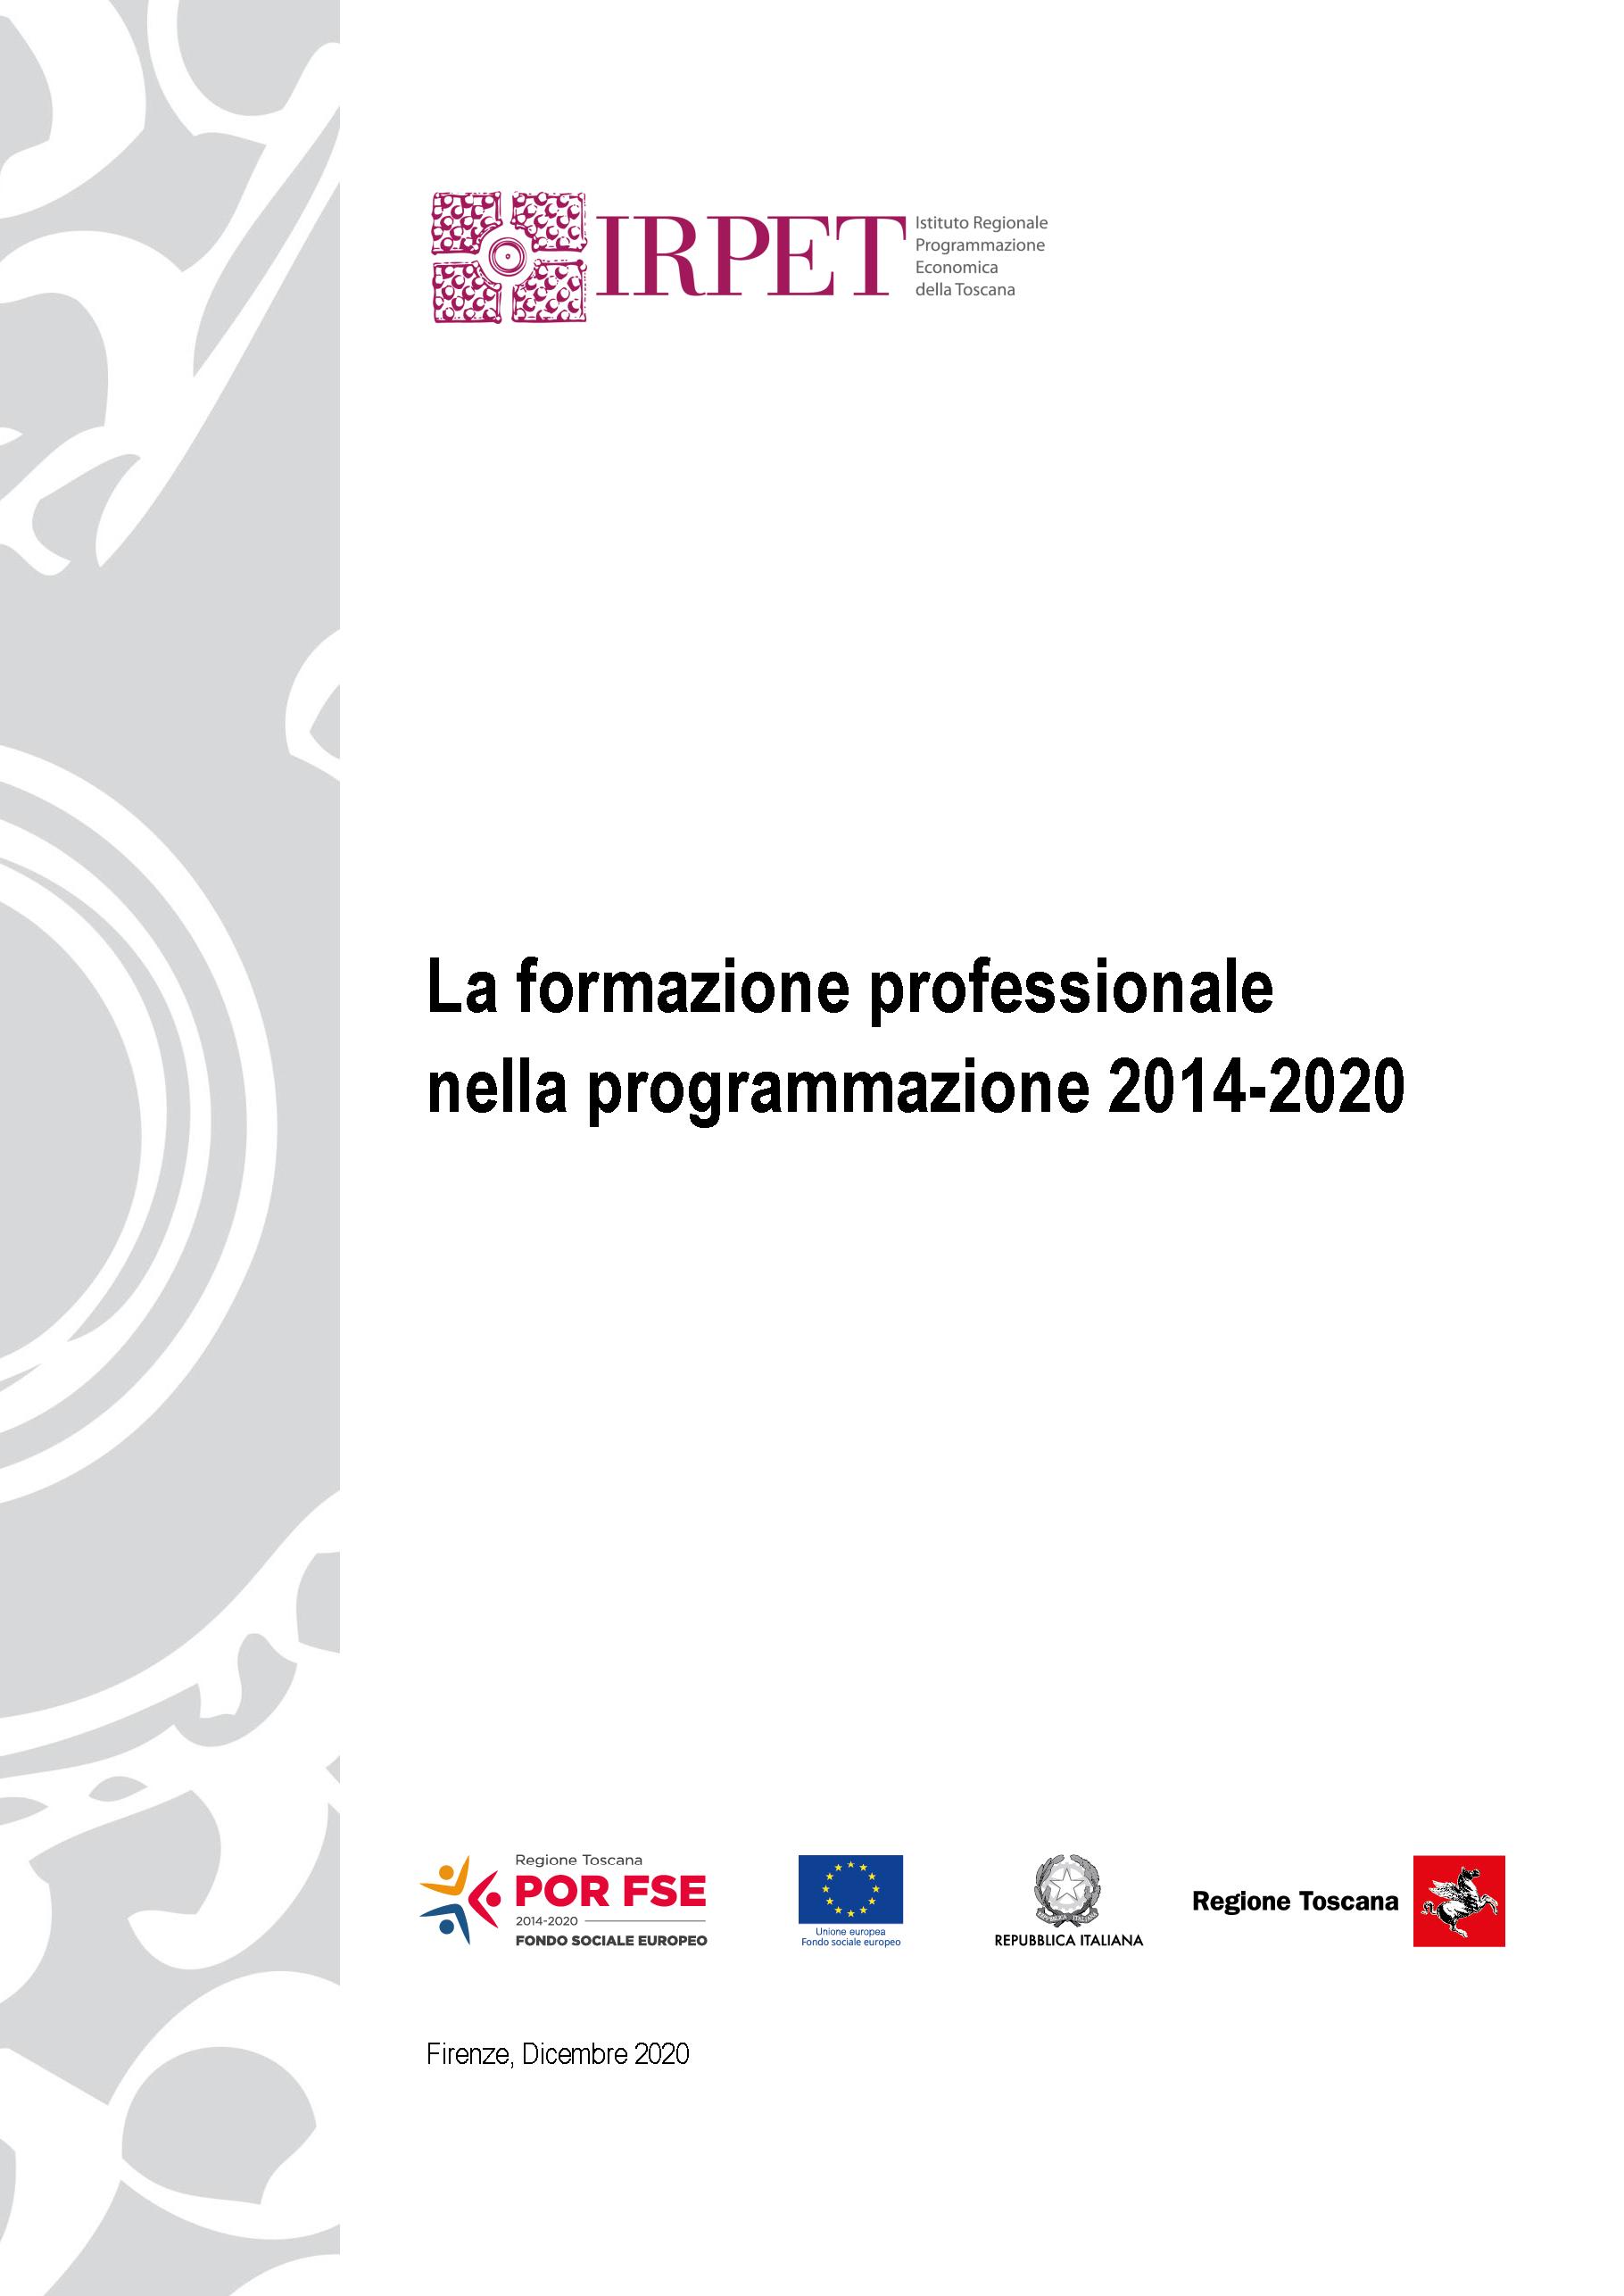 cover LA FORMAZIONE PROFESSIONALE 31.12.2020